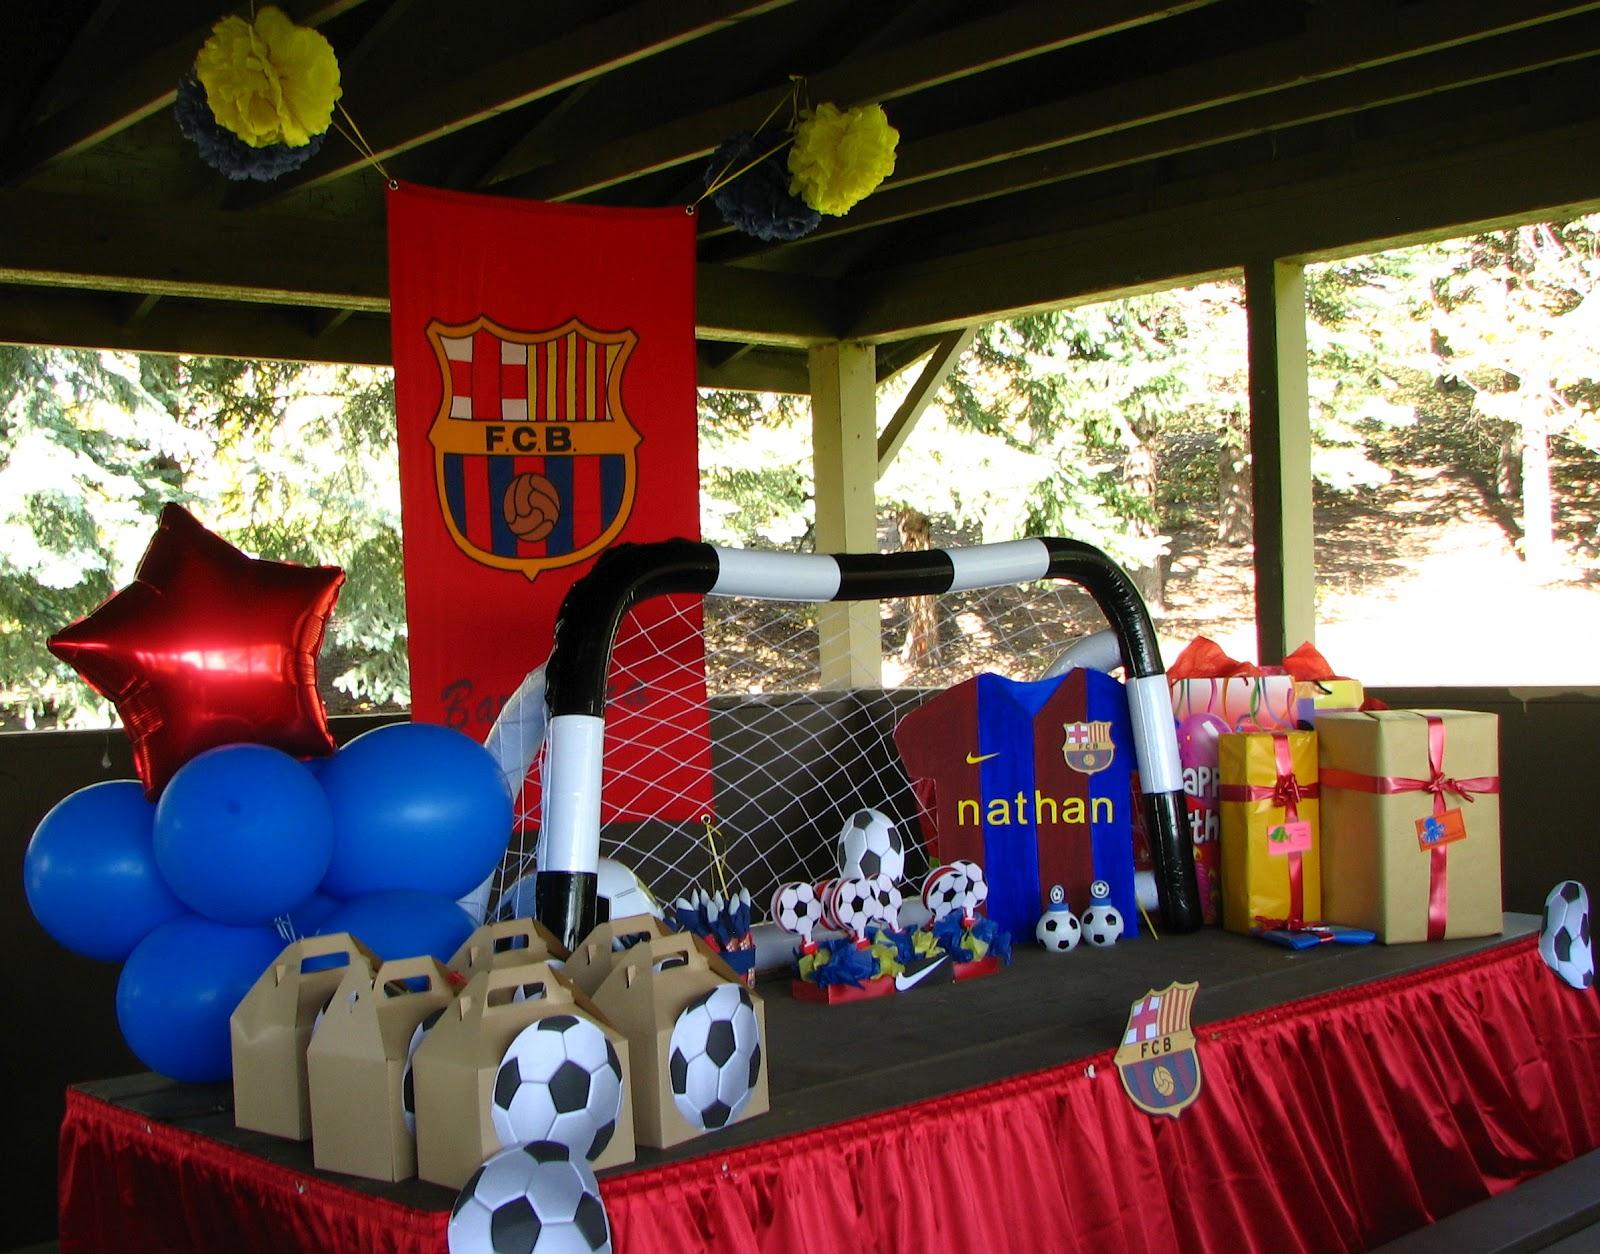 Utopia Party Decor: Soccer Party Decor